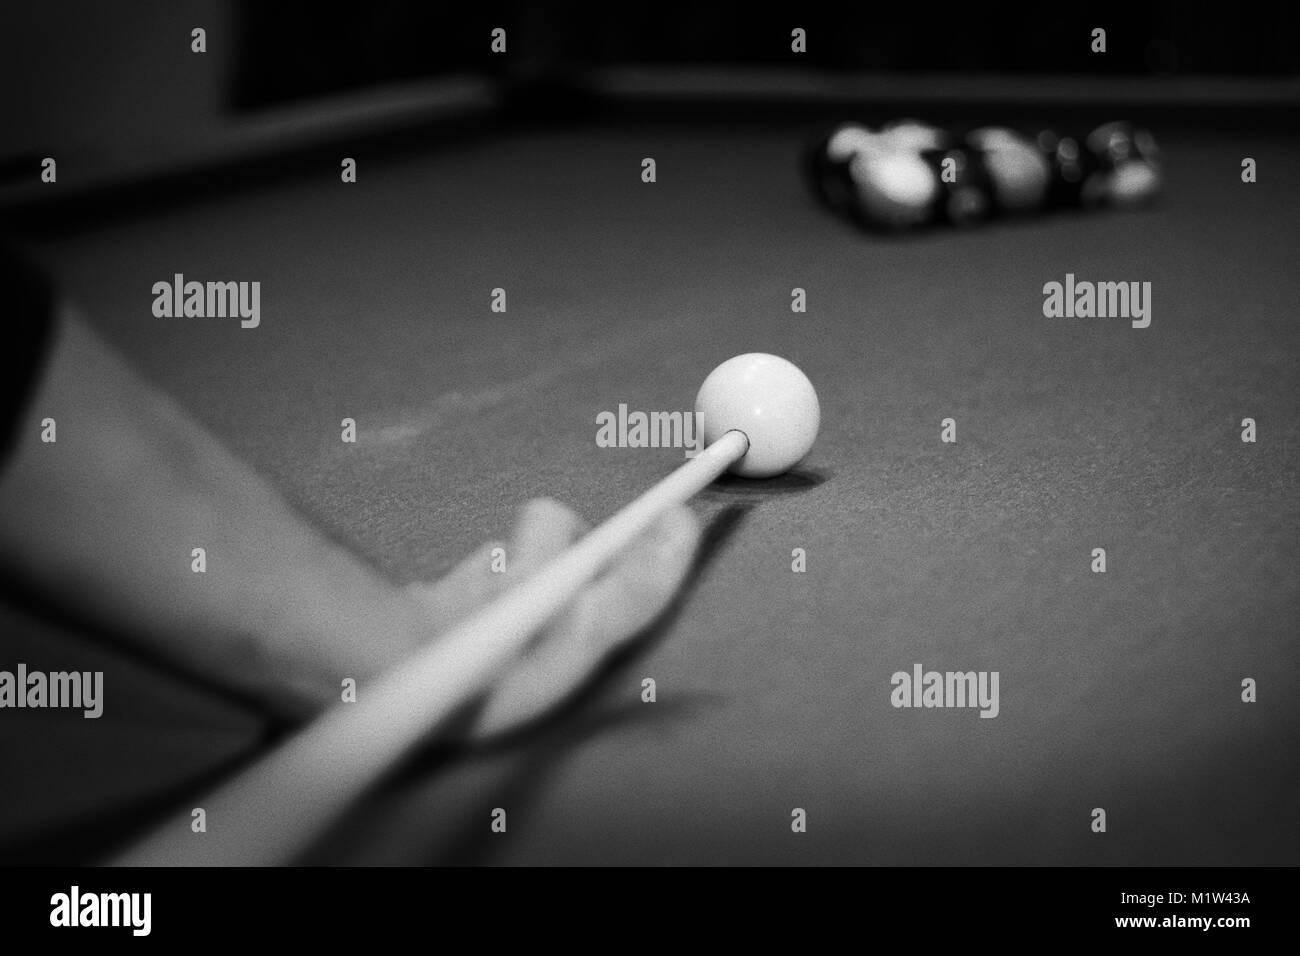 Un uomo giocando a biliardo tirare in bianco e nero Immagini Stock